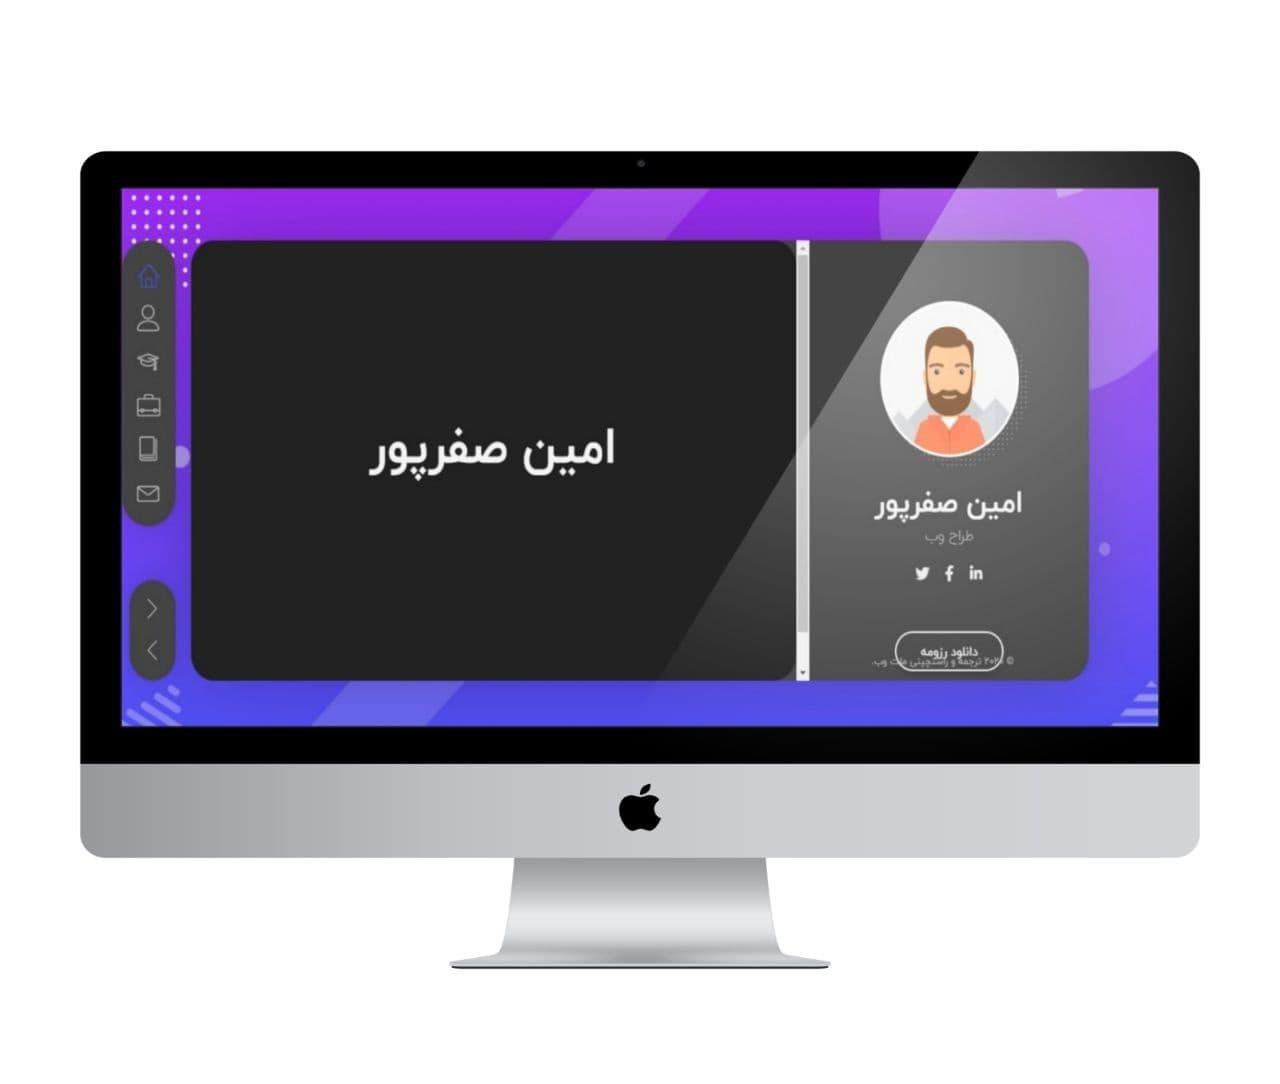 قالب BreezyCV قالب HTML رزومه و نمونه کار دو زبانه